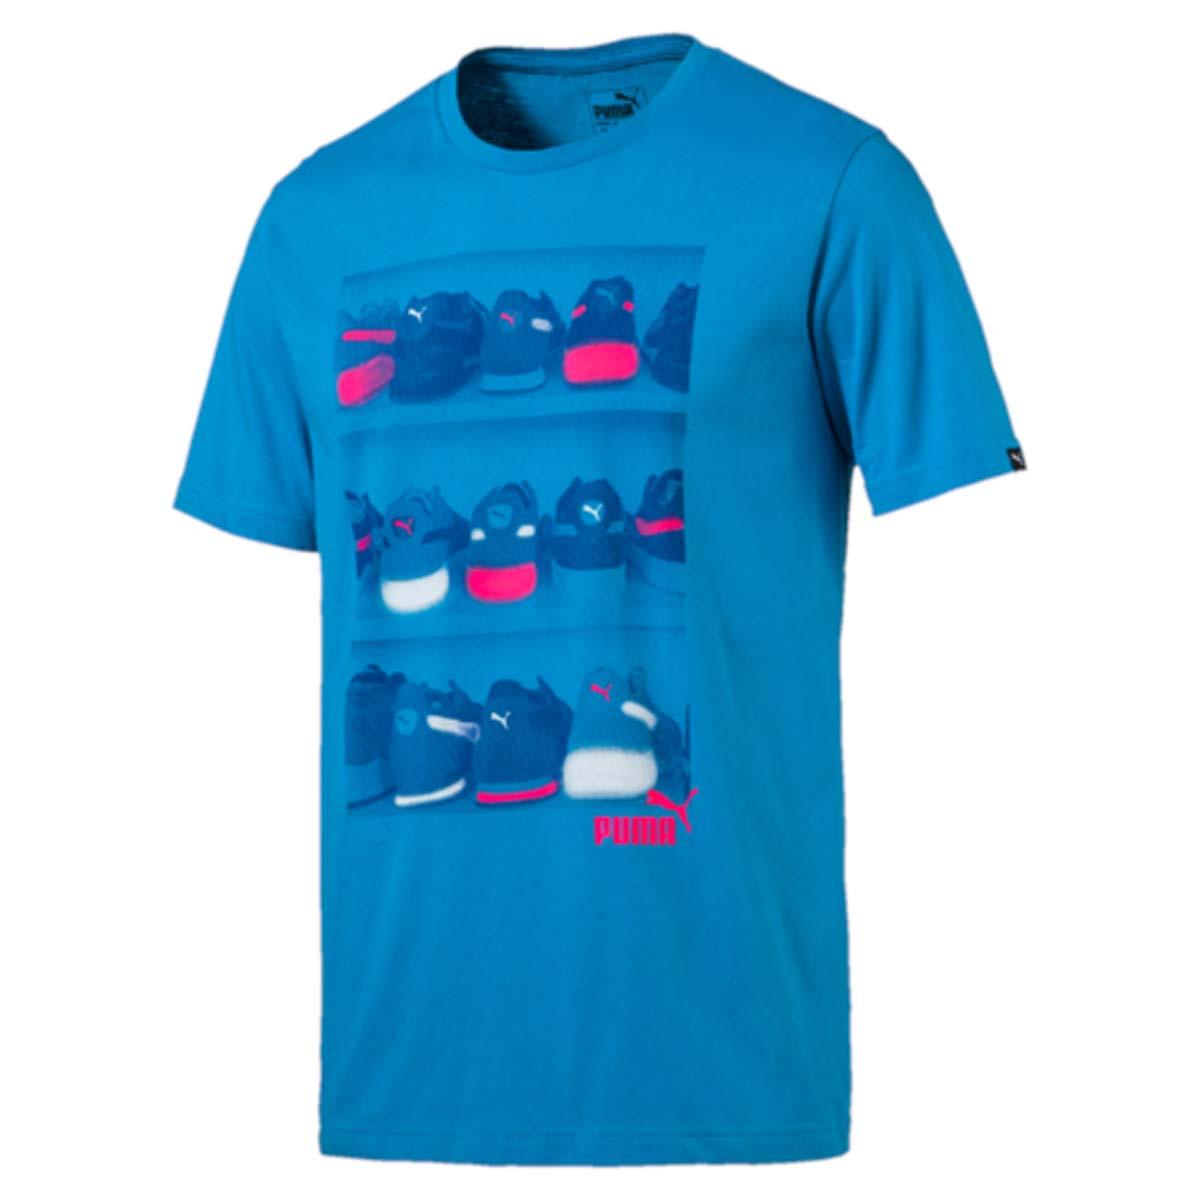 Футболка мужская Puma Sneaker Photo Tee, цвет: голубой. 590935_11. Размер XL (52/54)590935_11Футболка Sneaker Photo Tee выполнена из чистого хлопка с использованием высокофункциональной технологии dryCELL, которая отводит влагу, поддерживает тело сухим и гарантирует комфорт. Ворот выполнен из трикотажа в рубчик. Изделие имеет классический крой, круглый вырез горловины и короткие рукава. Модель декорирована рисунком c прорезиненными деталями и логотипом PUMA.